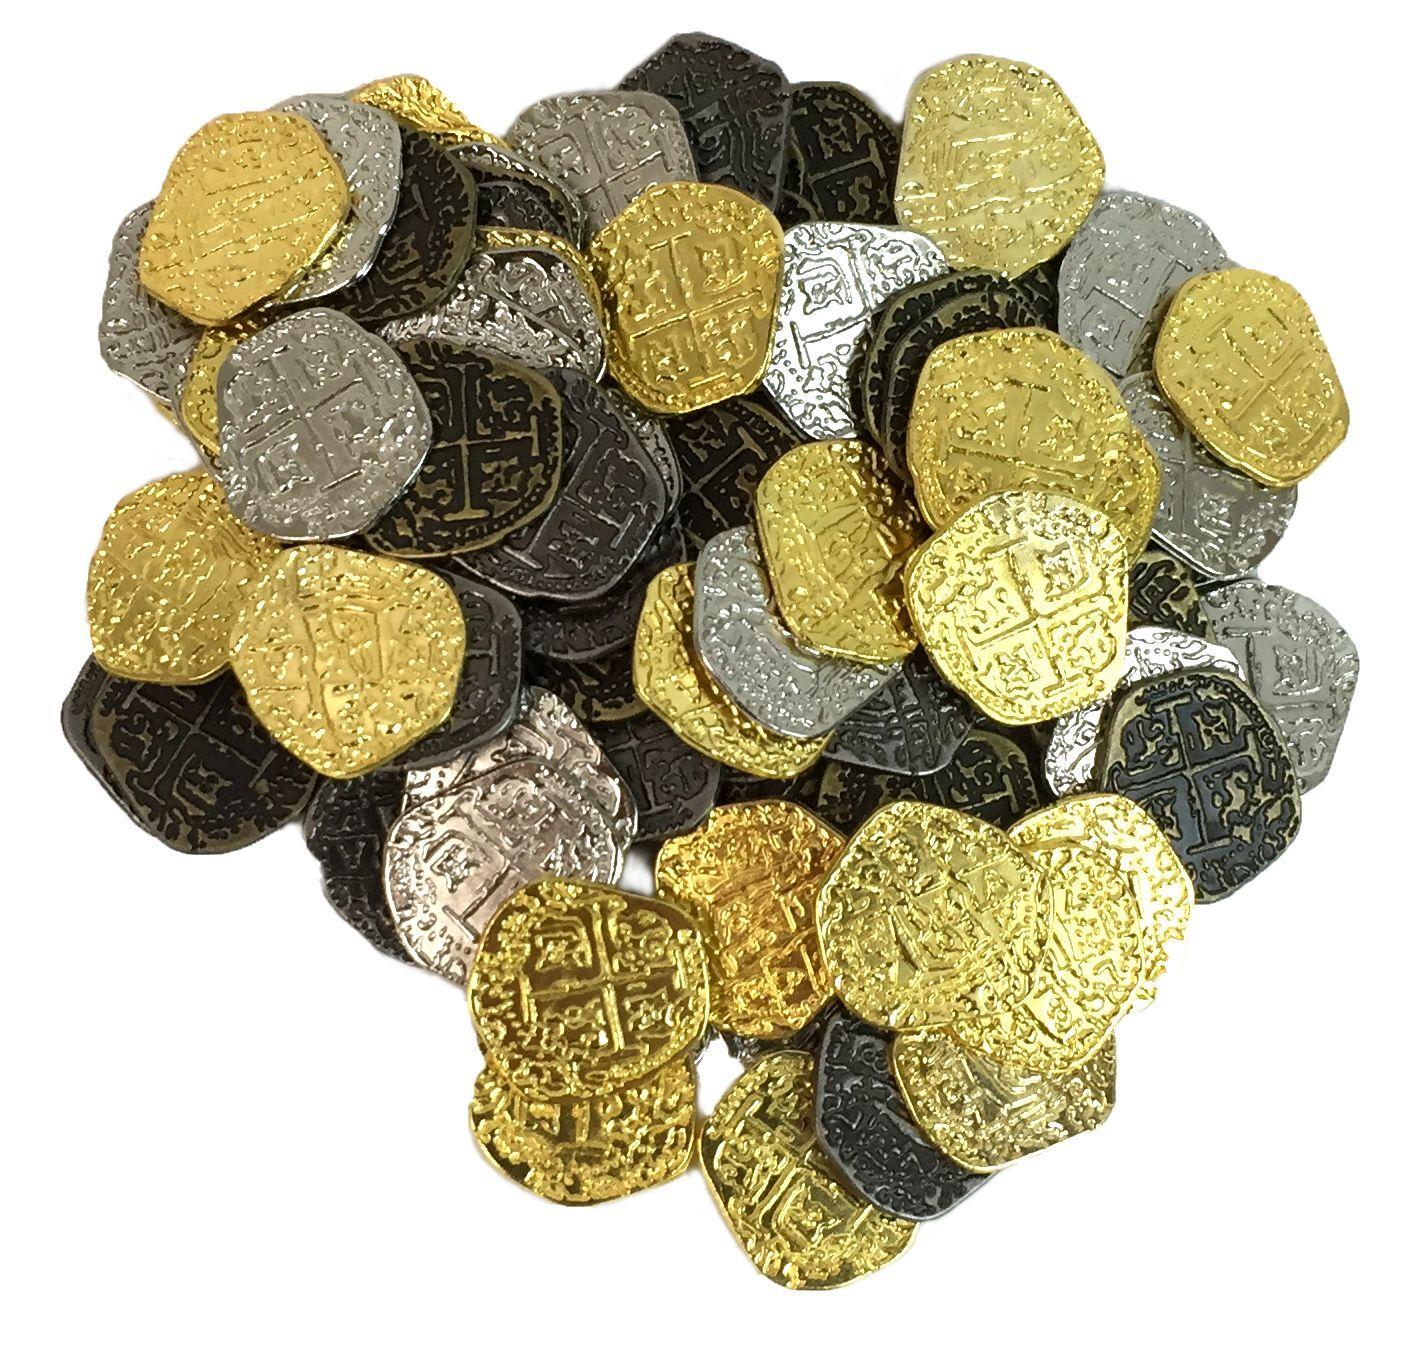 Metal Pirates Trésor Pièces-Set de 500 or et argent Doubloon replicas